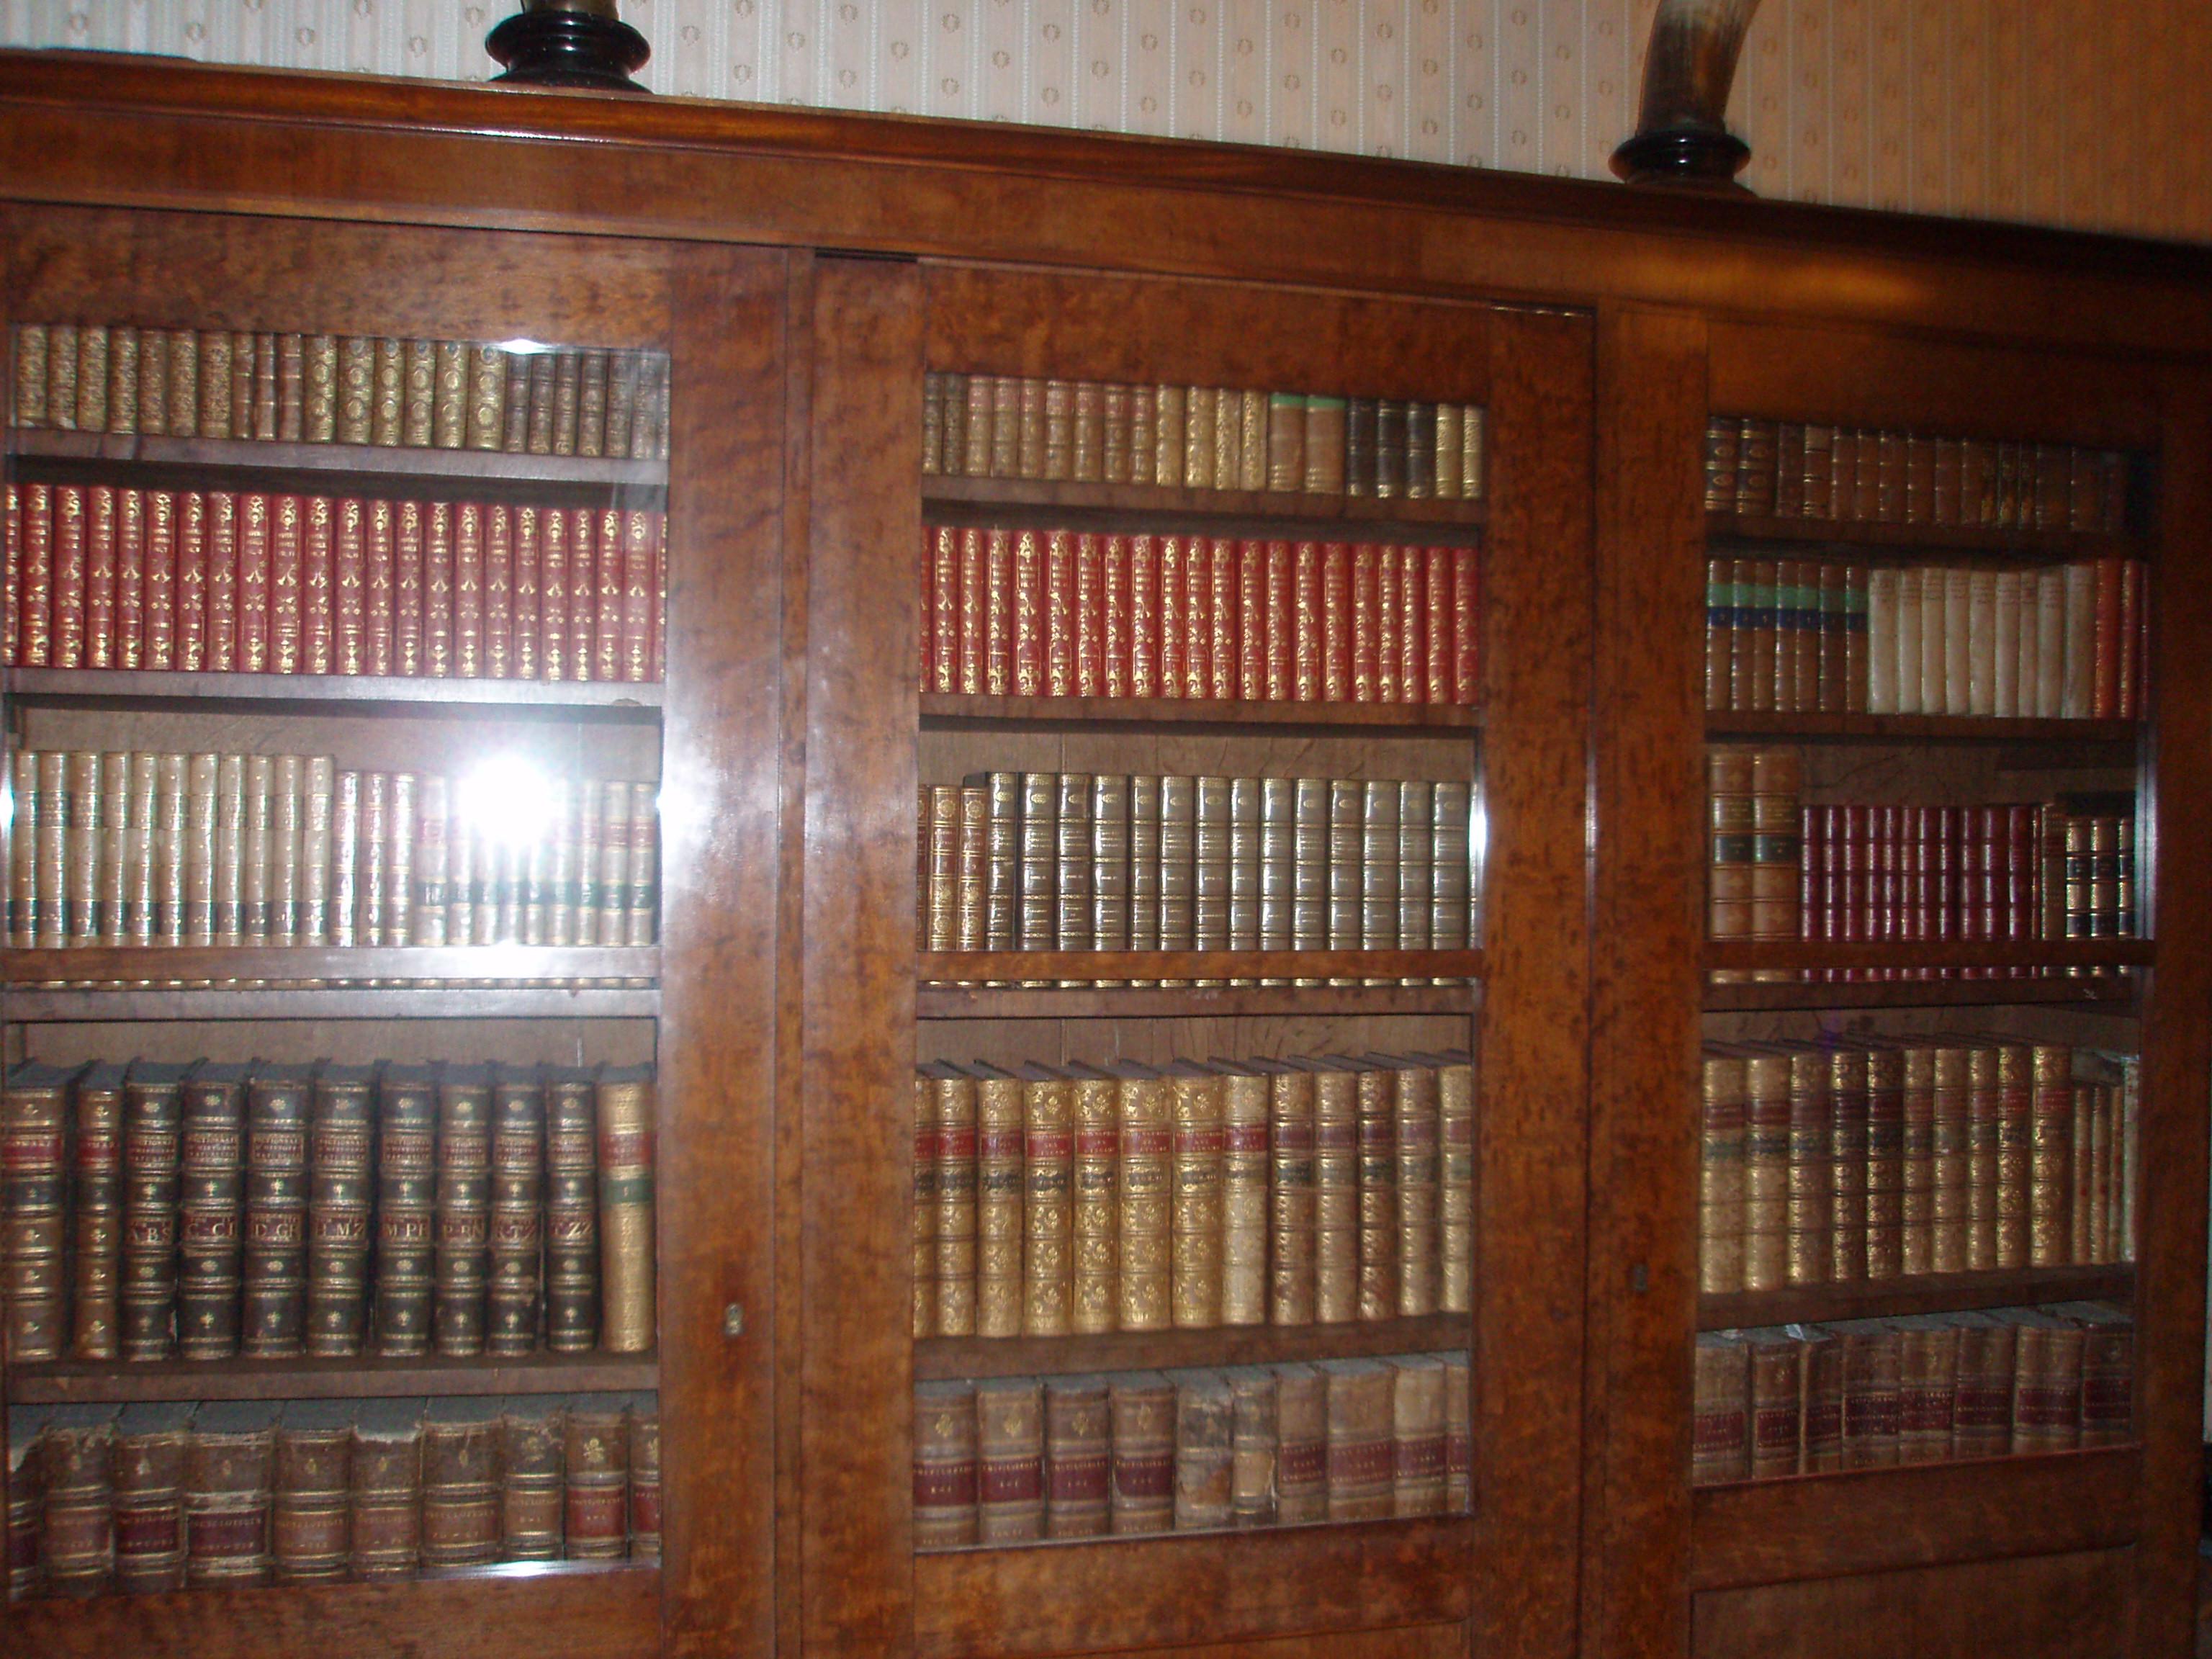 Bibliotheken in kastelen heren landhuizen en buitenplaatsen 2 librariana - Kast voor het opslaan van boeken ...